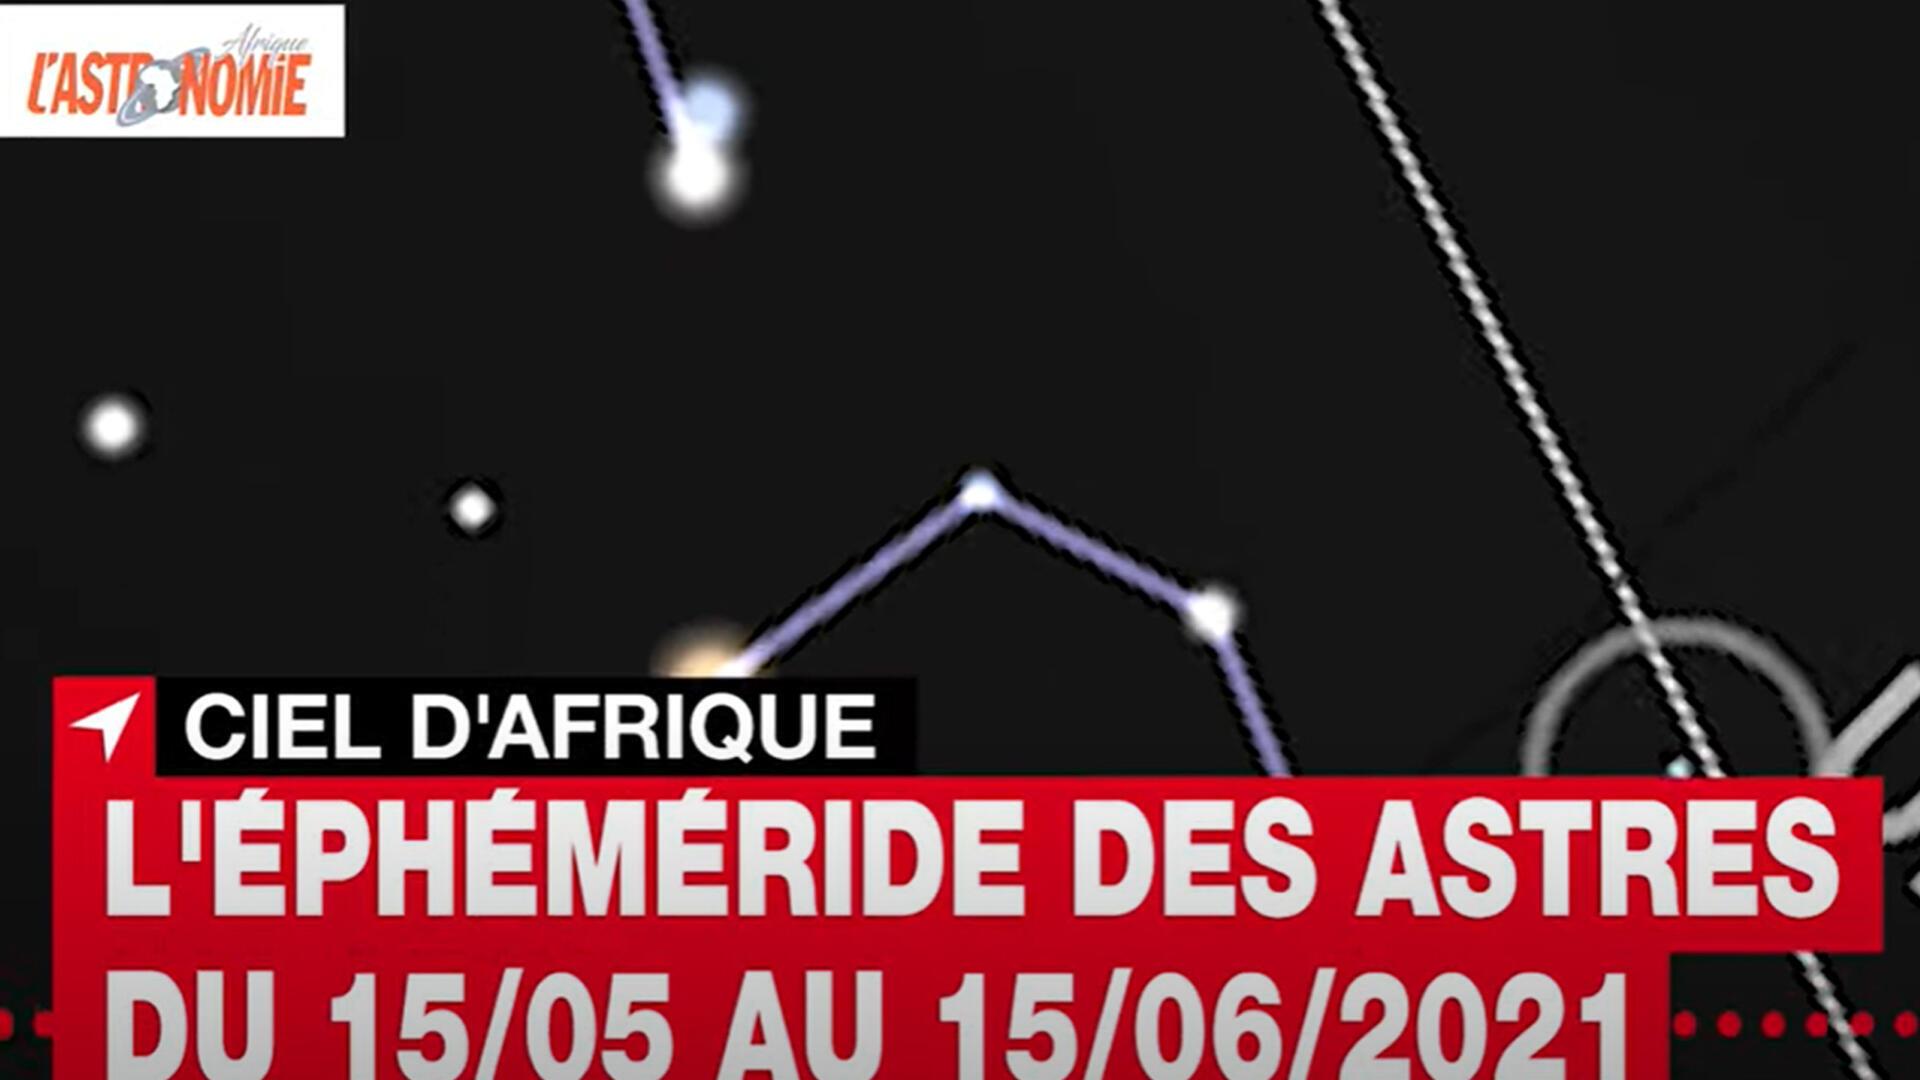 Ciel d'Afrique - Ephéméride 15 mai 2021